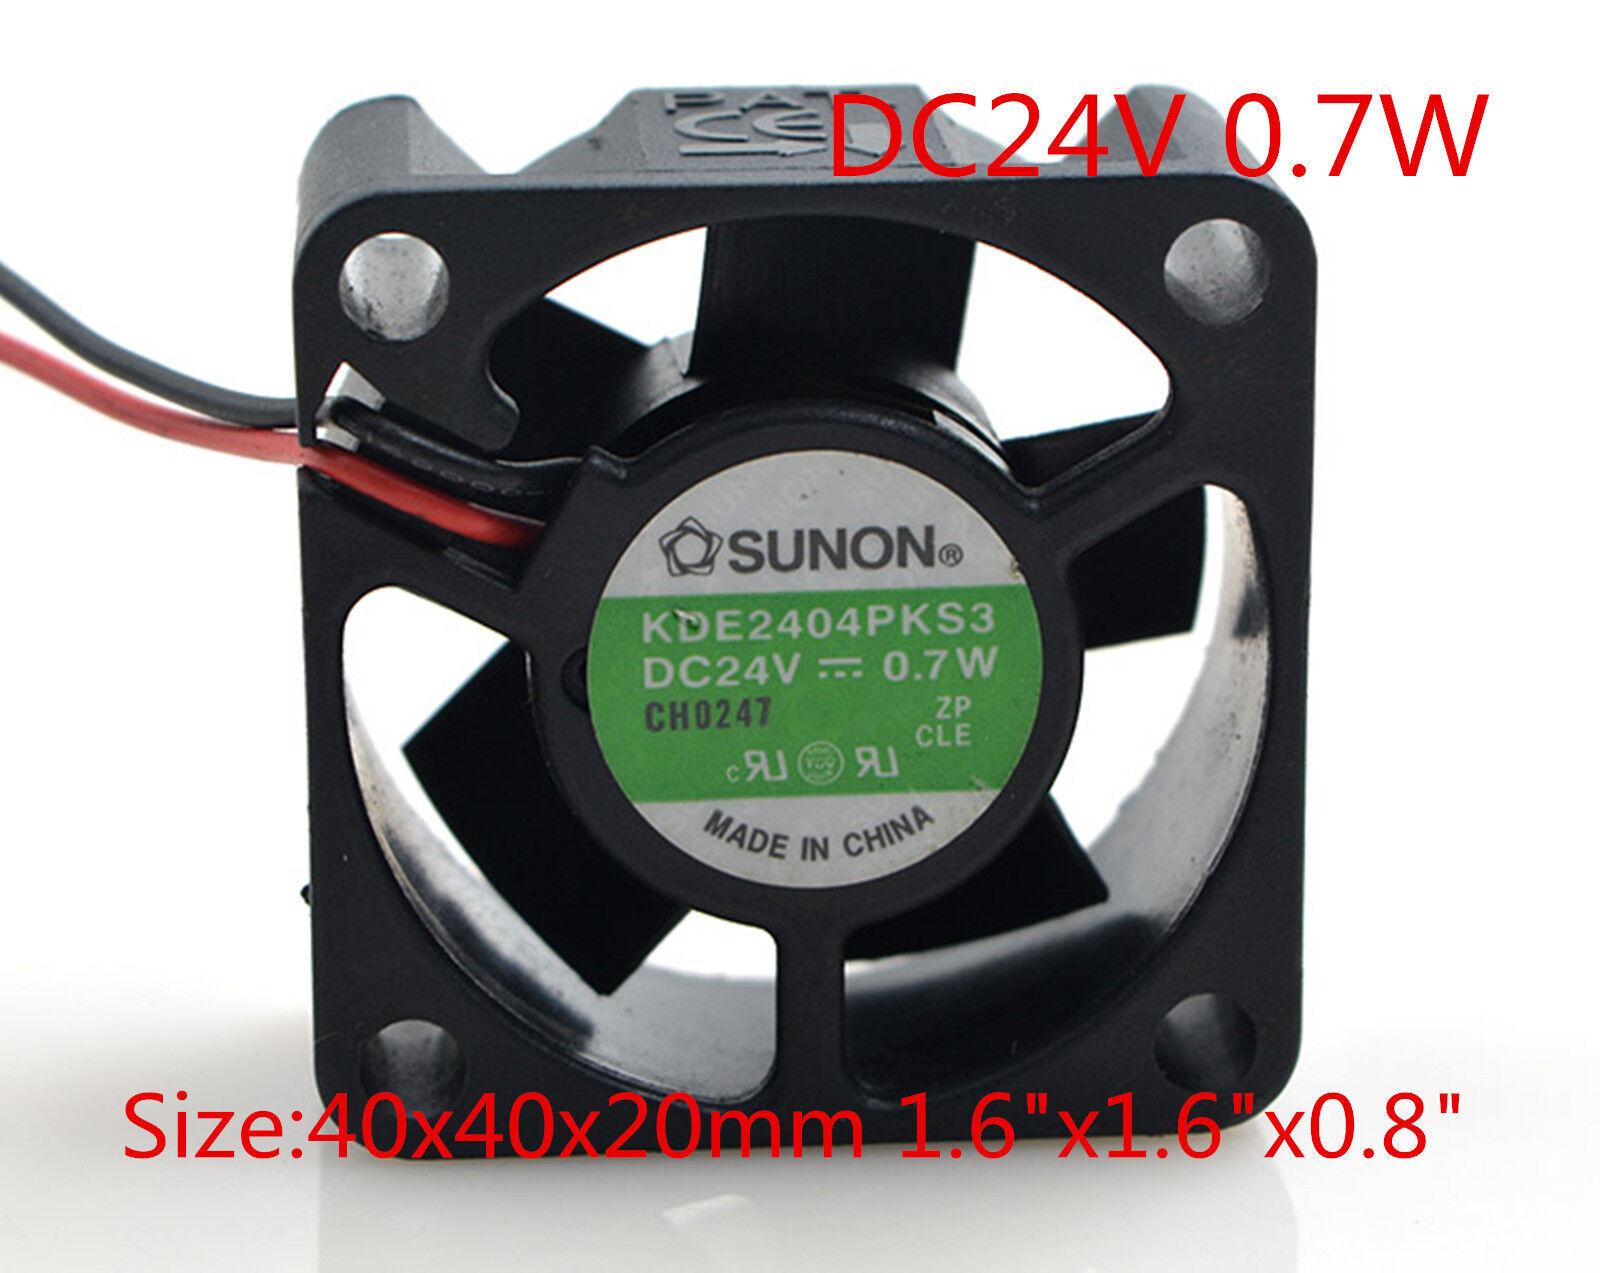 SUNON Cooling Fan KDE2404PKS3 4020 DC 24V 0.7W 4CM 40 x40x20mm 1.6